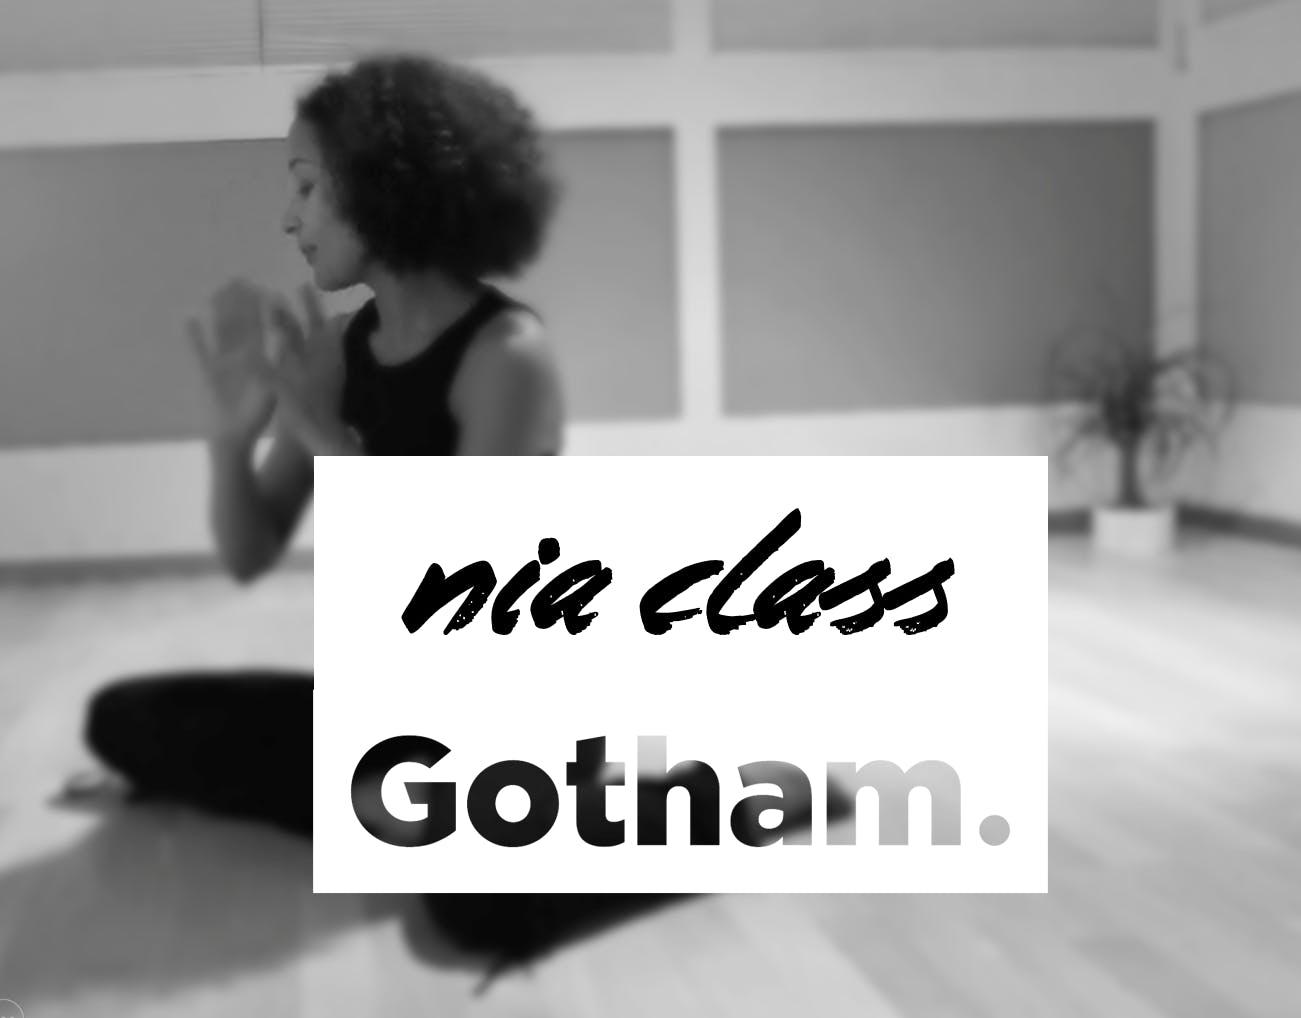 Nia Class - Gotham